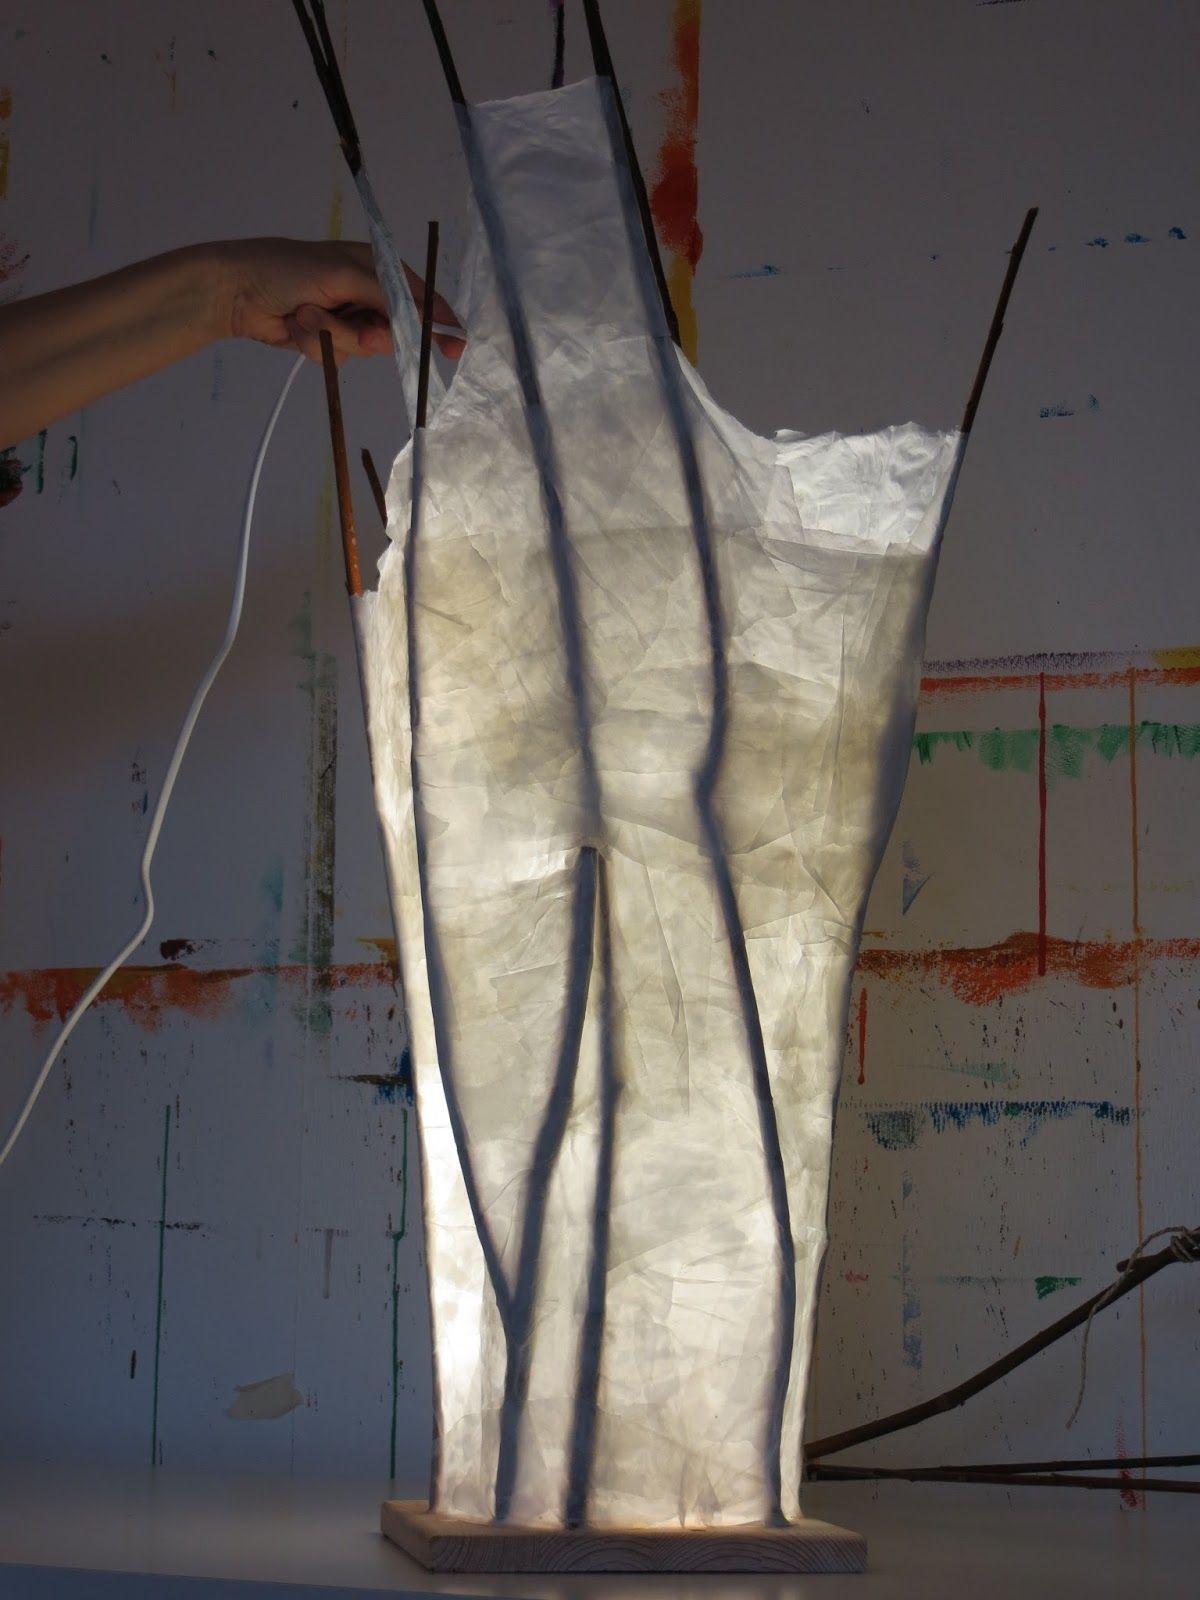 diy lampe papier weiden lampe selber basteln papierlampe papier pinterest papier. Black Bedroom Furniture Sets. Home Design Ideas